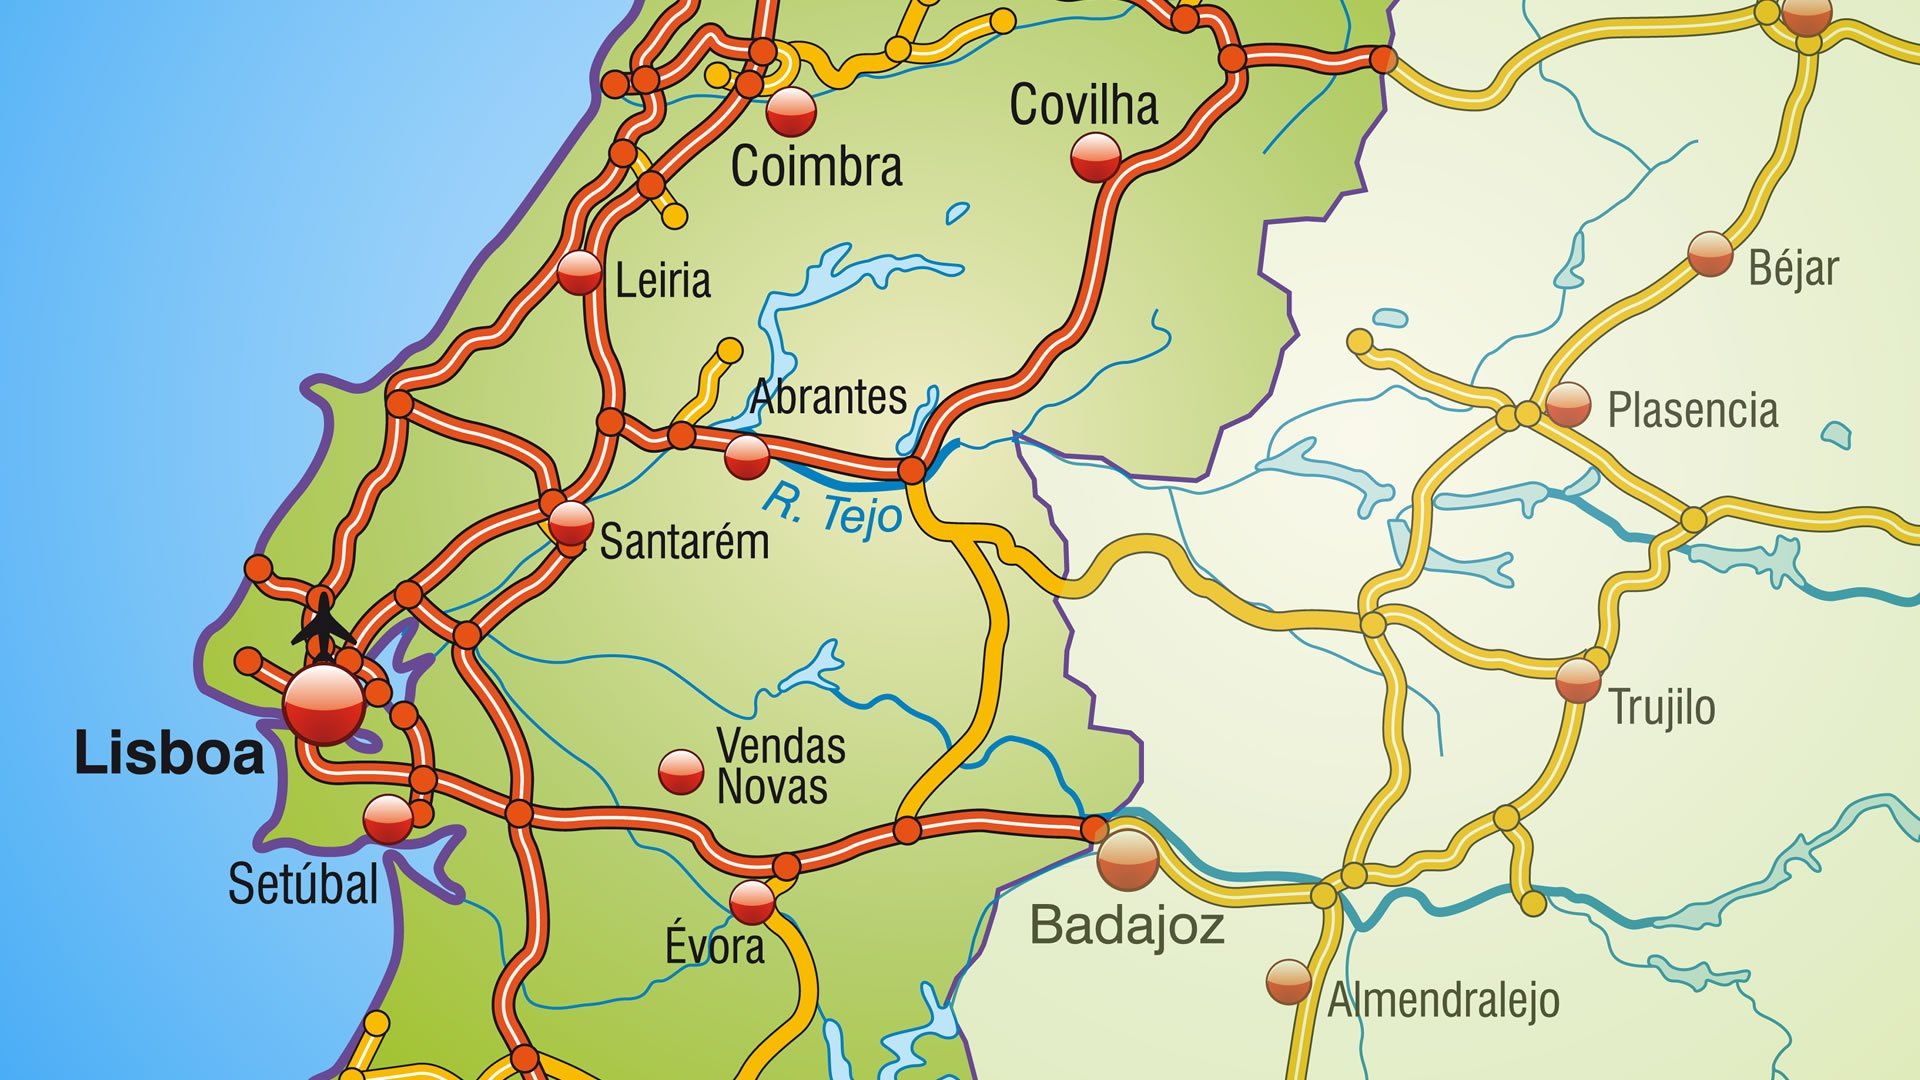 mapa portugal centro Mapa de autovías de Portugal: zona centro mapa portugal centro